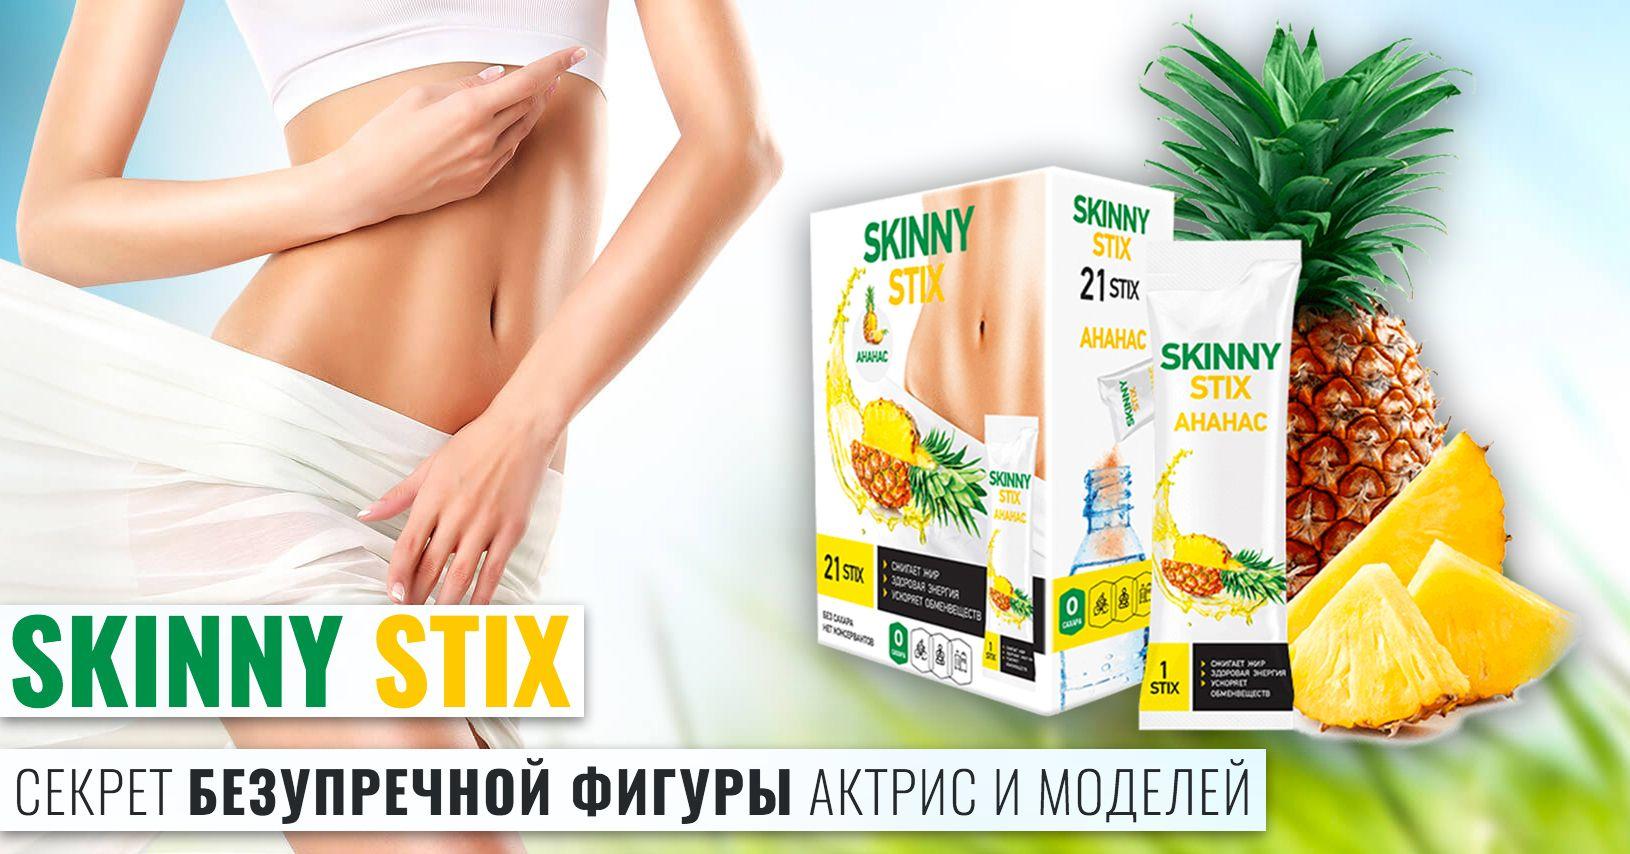 купить Skinny Stix (Скинни Стикс) - для интенсивного похудения